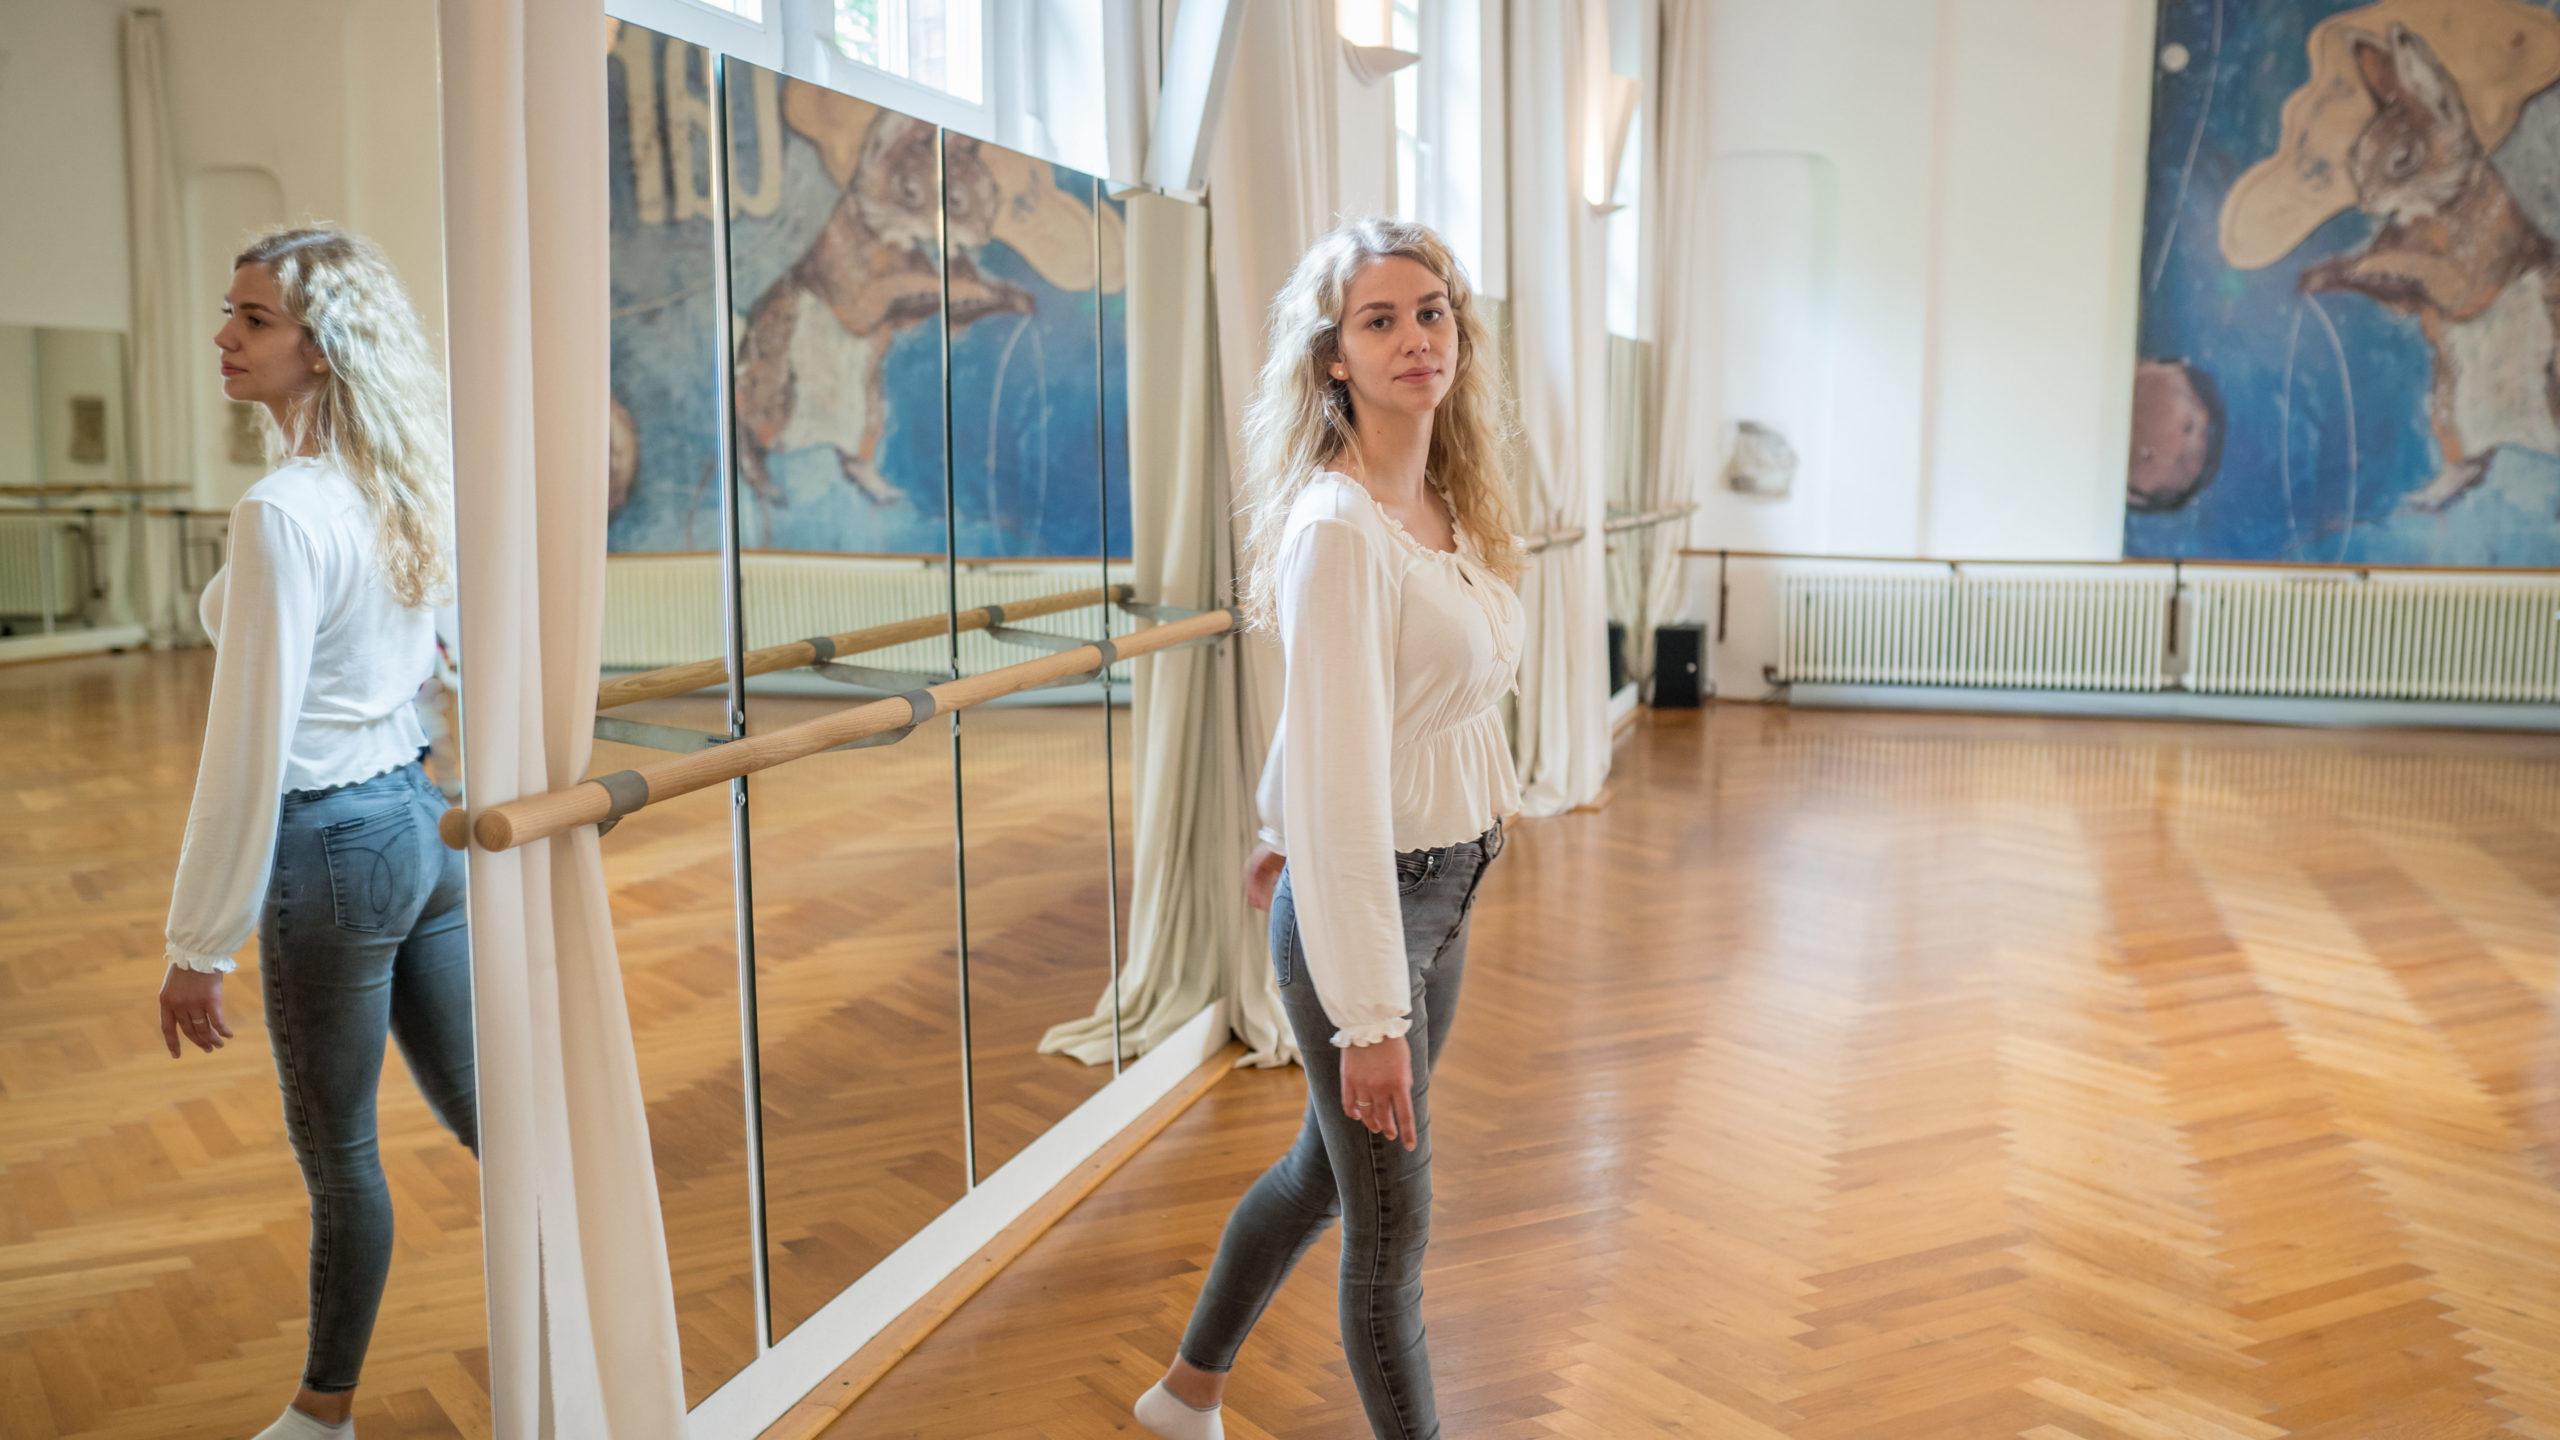 Eine junge Frau steht in einem Ballettsaal. Sie trägt eine weiße Bluse und eine blaue Jeans. Hinter ihr ist ein Spiegel angebracht, in dem sie sich spiegelt.